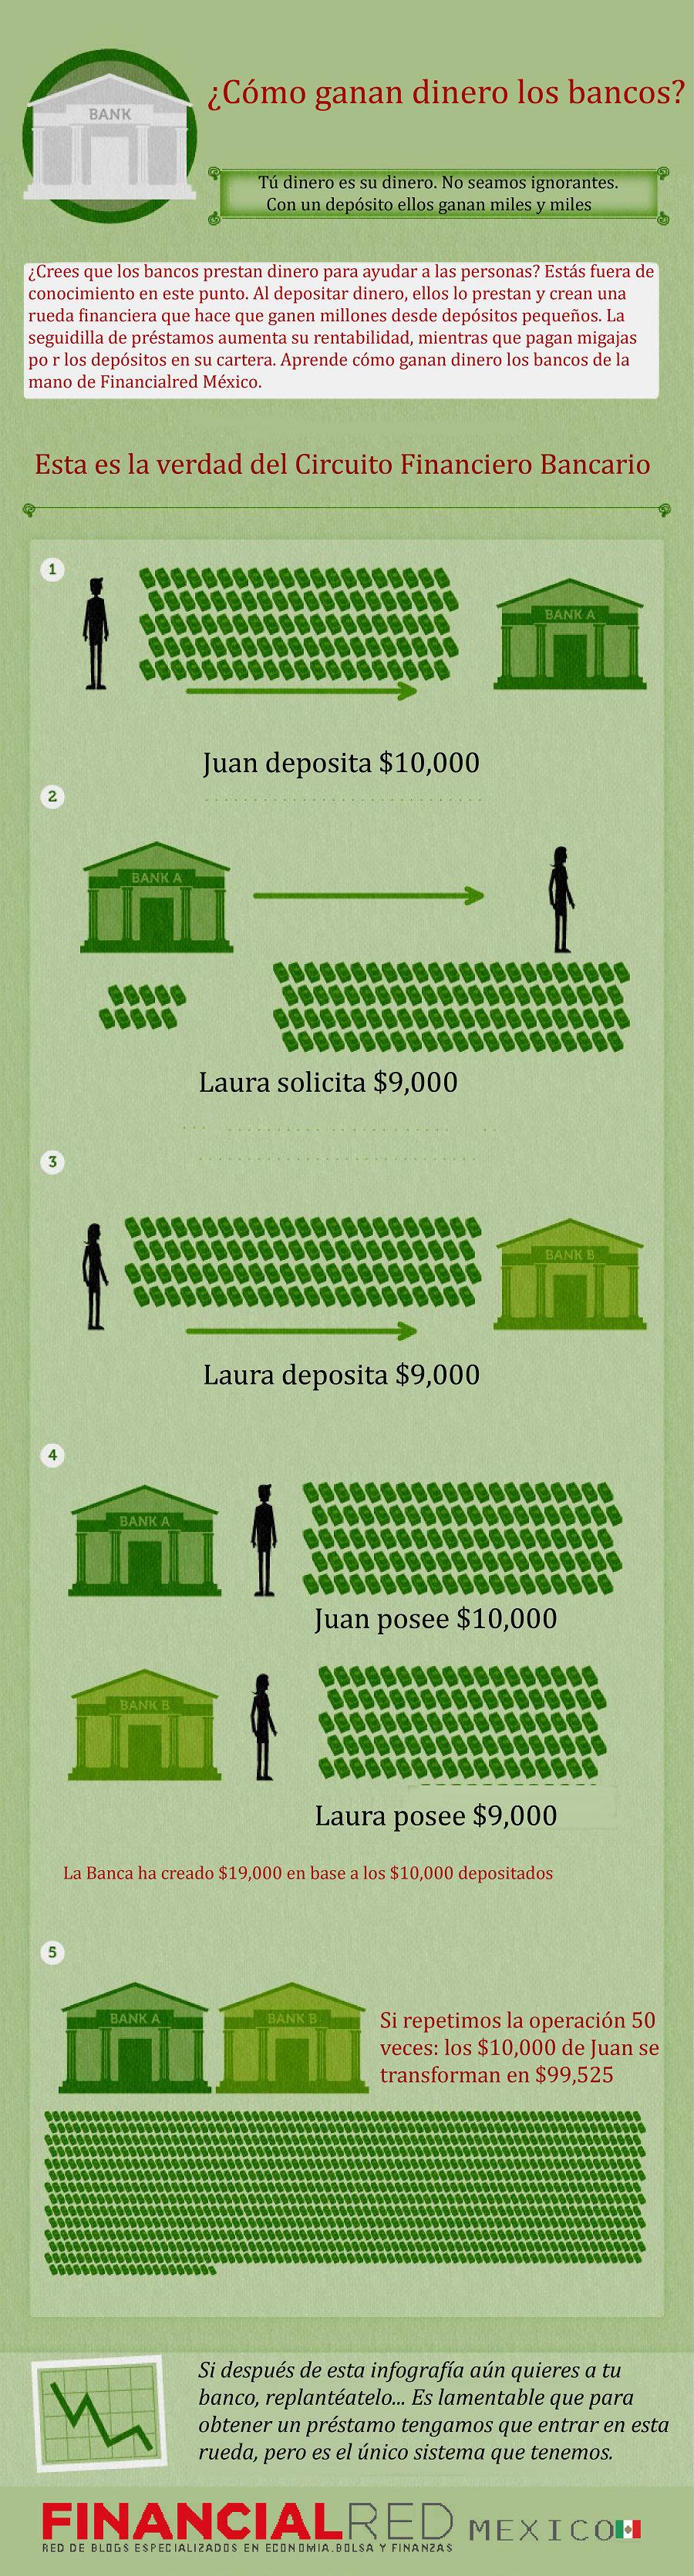 como ganan dinero los bancos